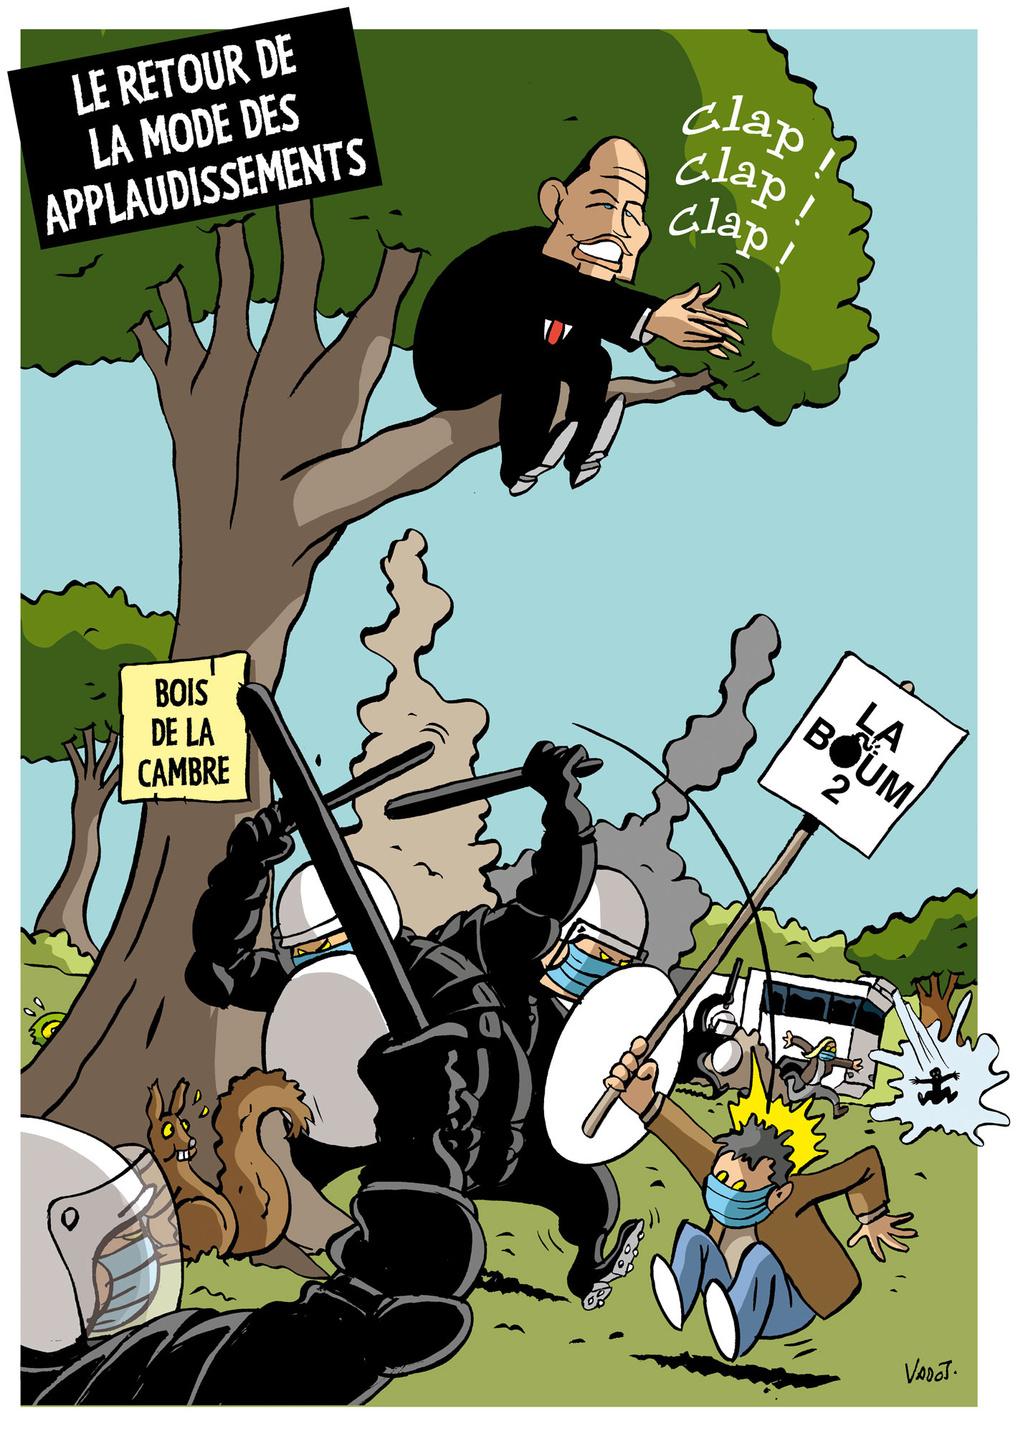 """Malgré les nombreuses violences policières survenues lors de la """"Boum 2"""" au bois de la Cambre, la bourgmestre de Bruxelles Philippe Close se réjouit de l'action des forces de l'ordre., Vadot"""